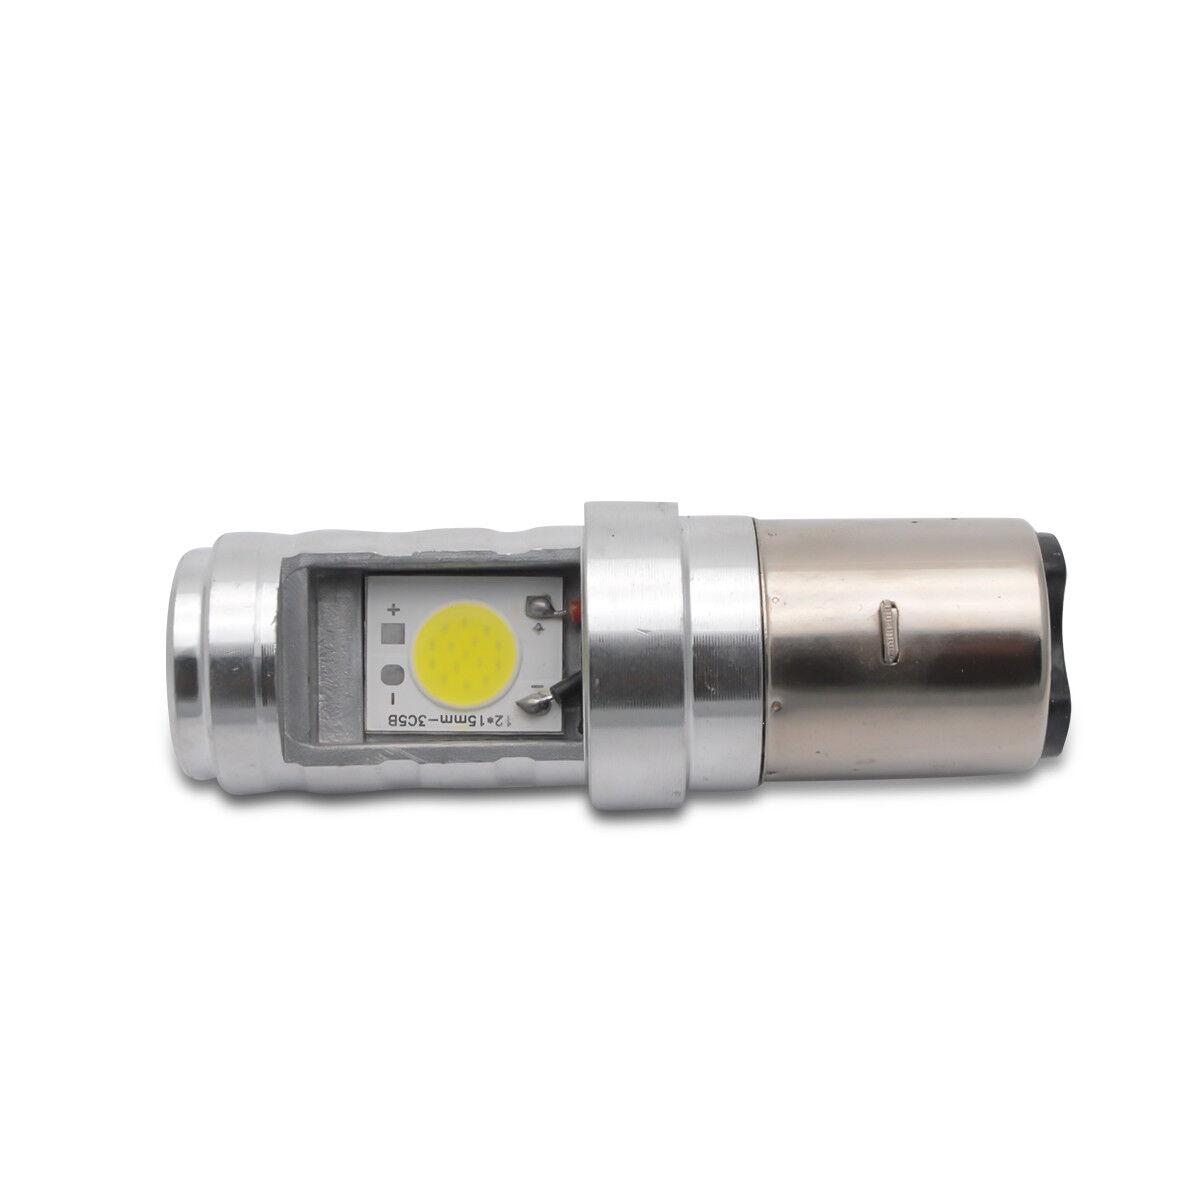 Kit 2x ampoule 6W BA20D H6 Blanc LED Moto/ Mobylette/ATV Hi-Lo Beam phare Lampe